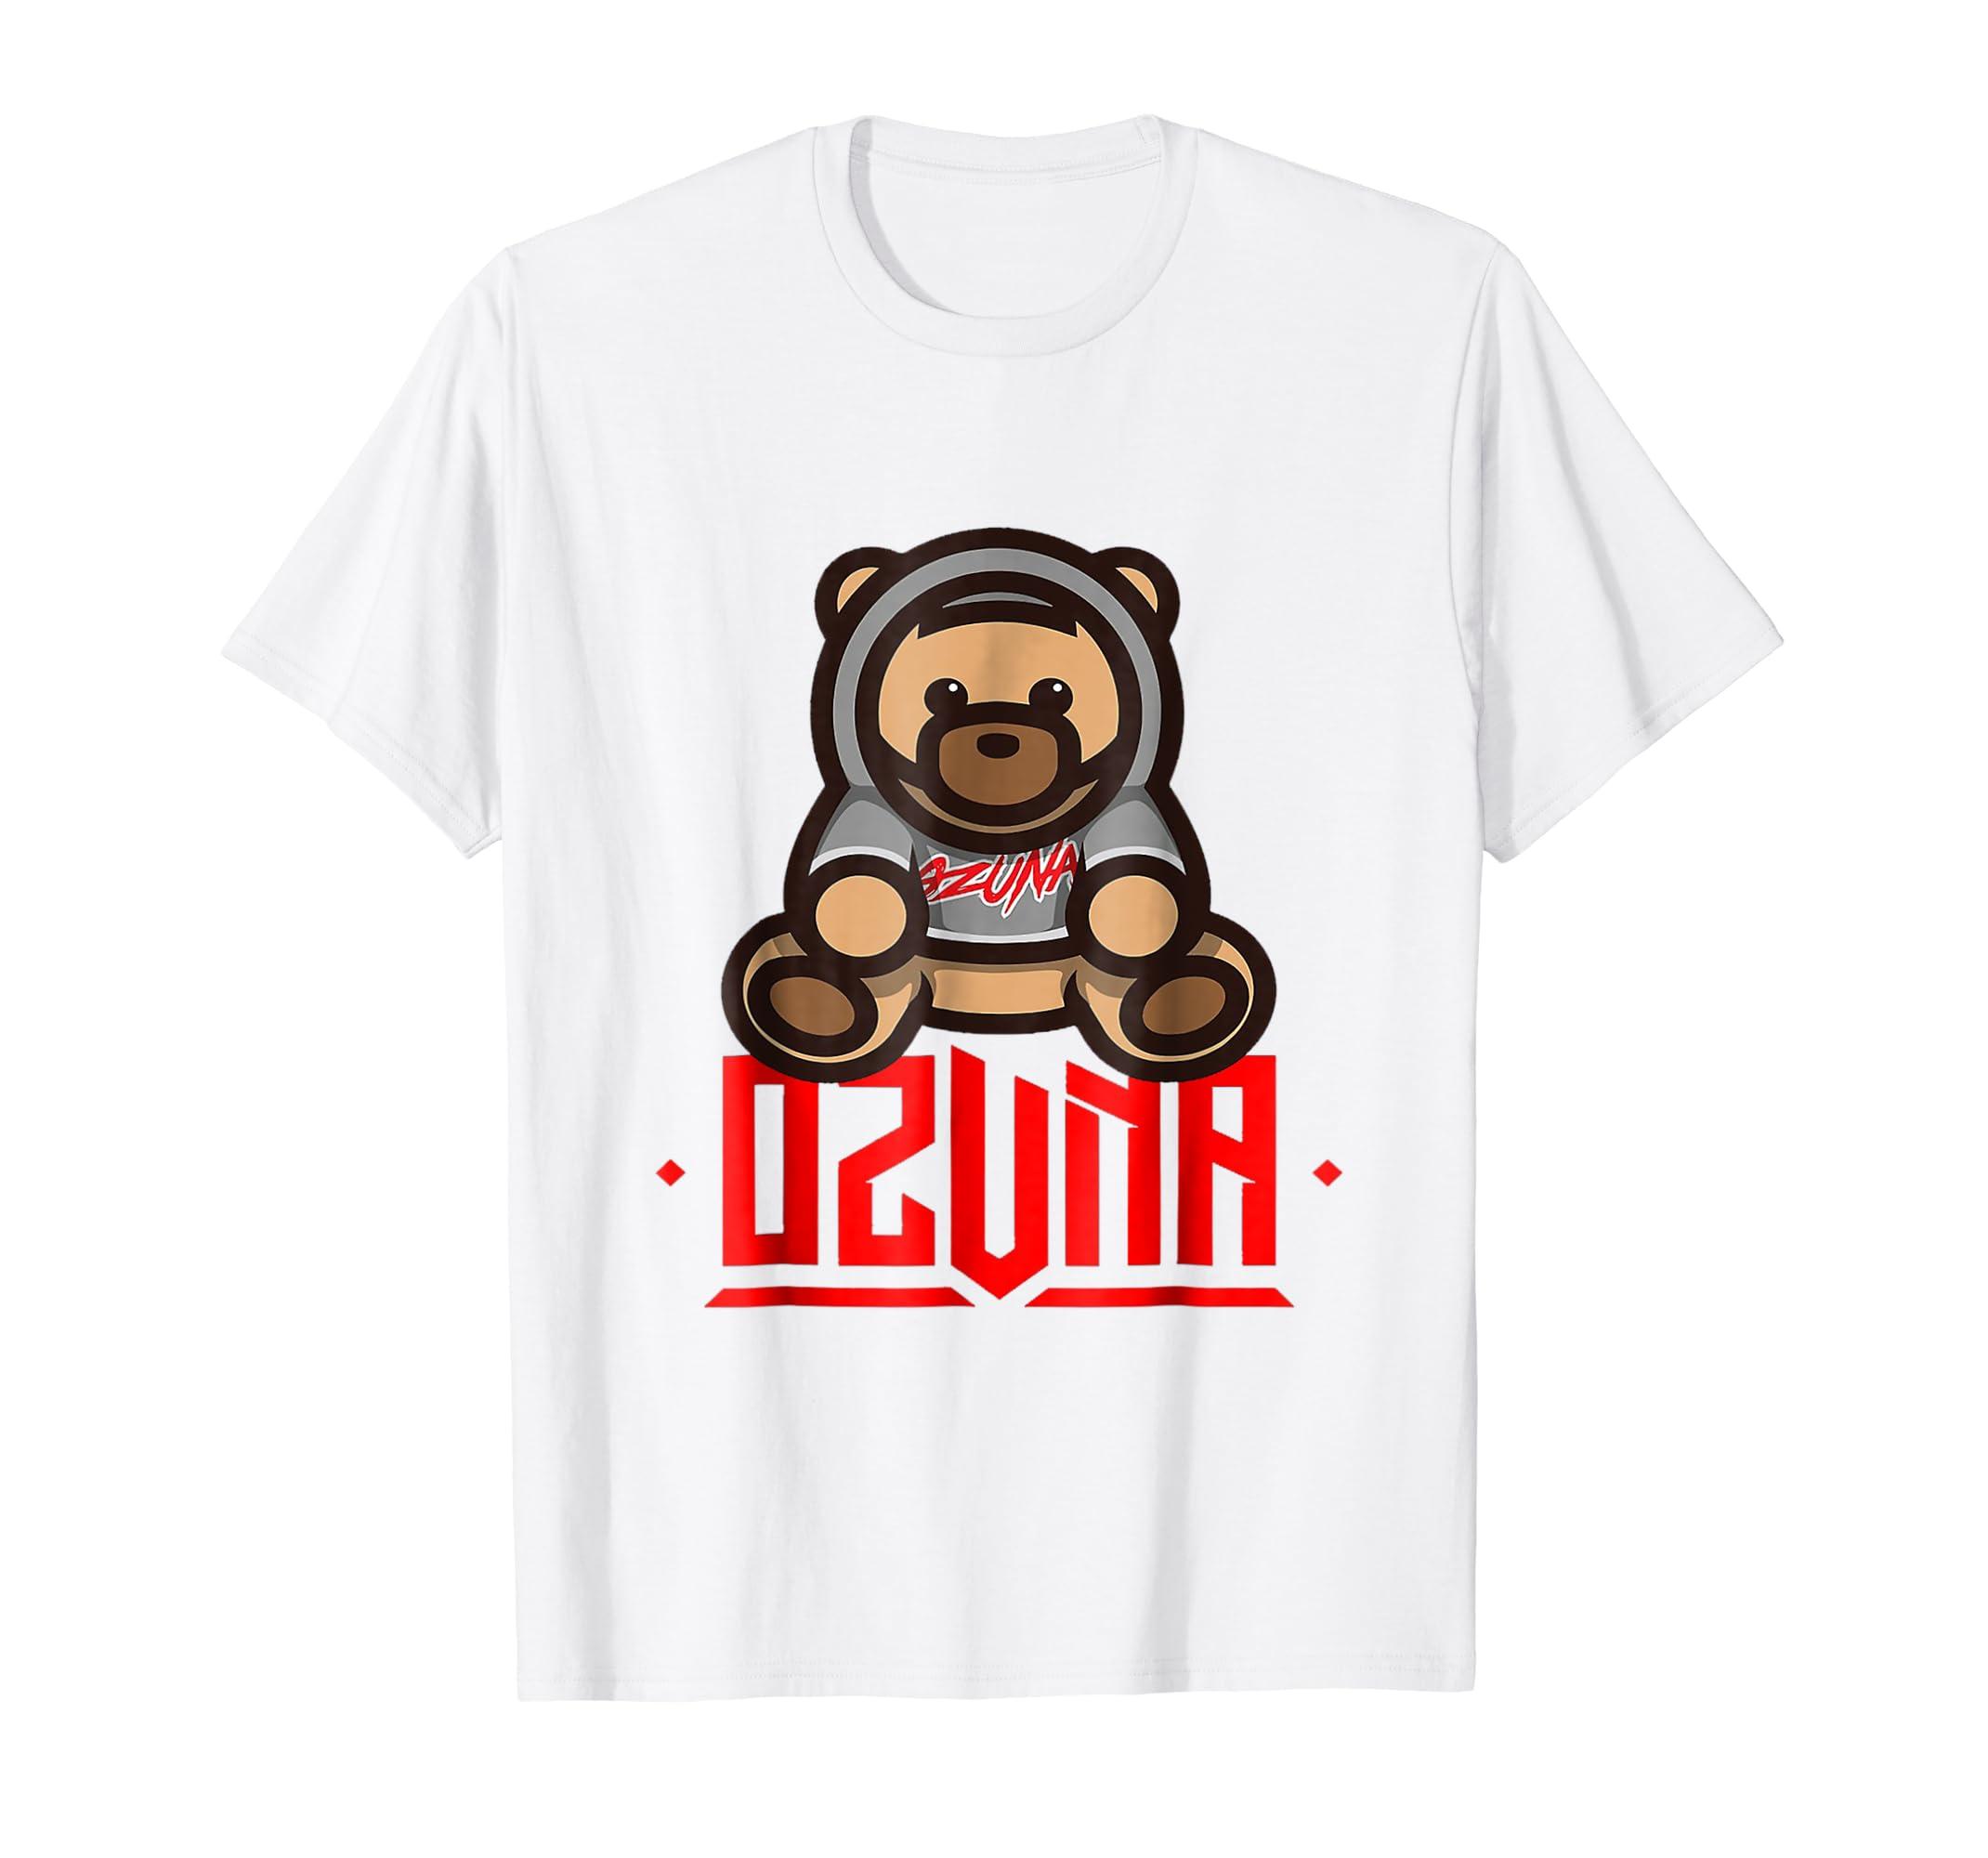 1344309a OZUNA LOGO New Design Best T shirt-azvn – Anzvntee